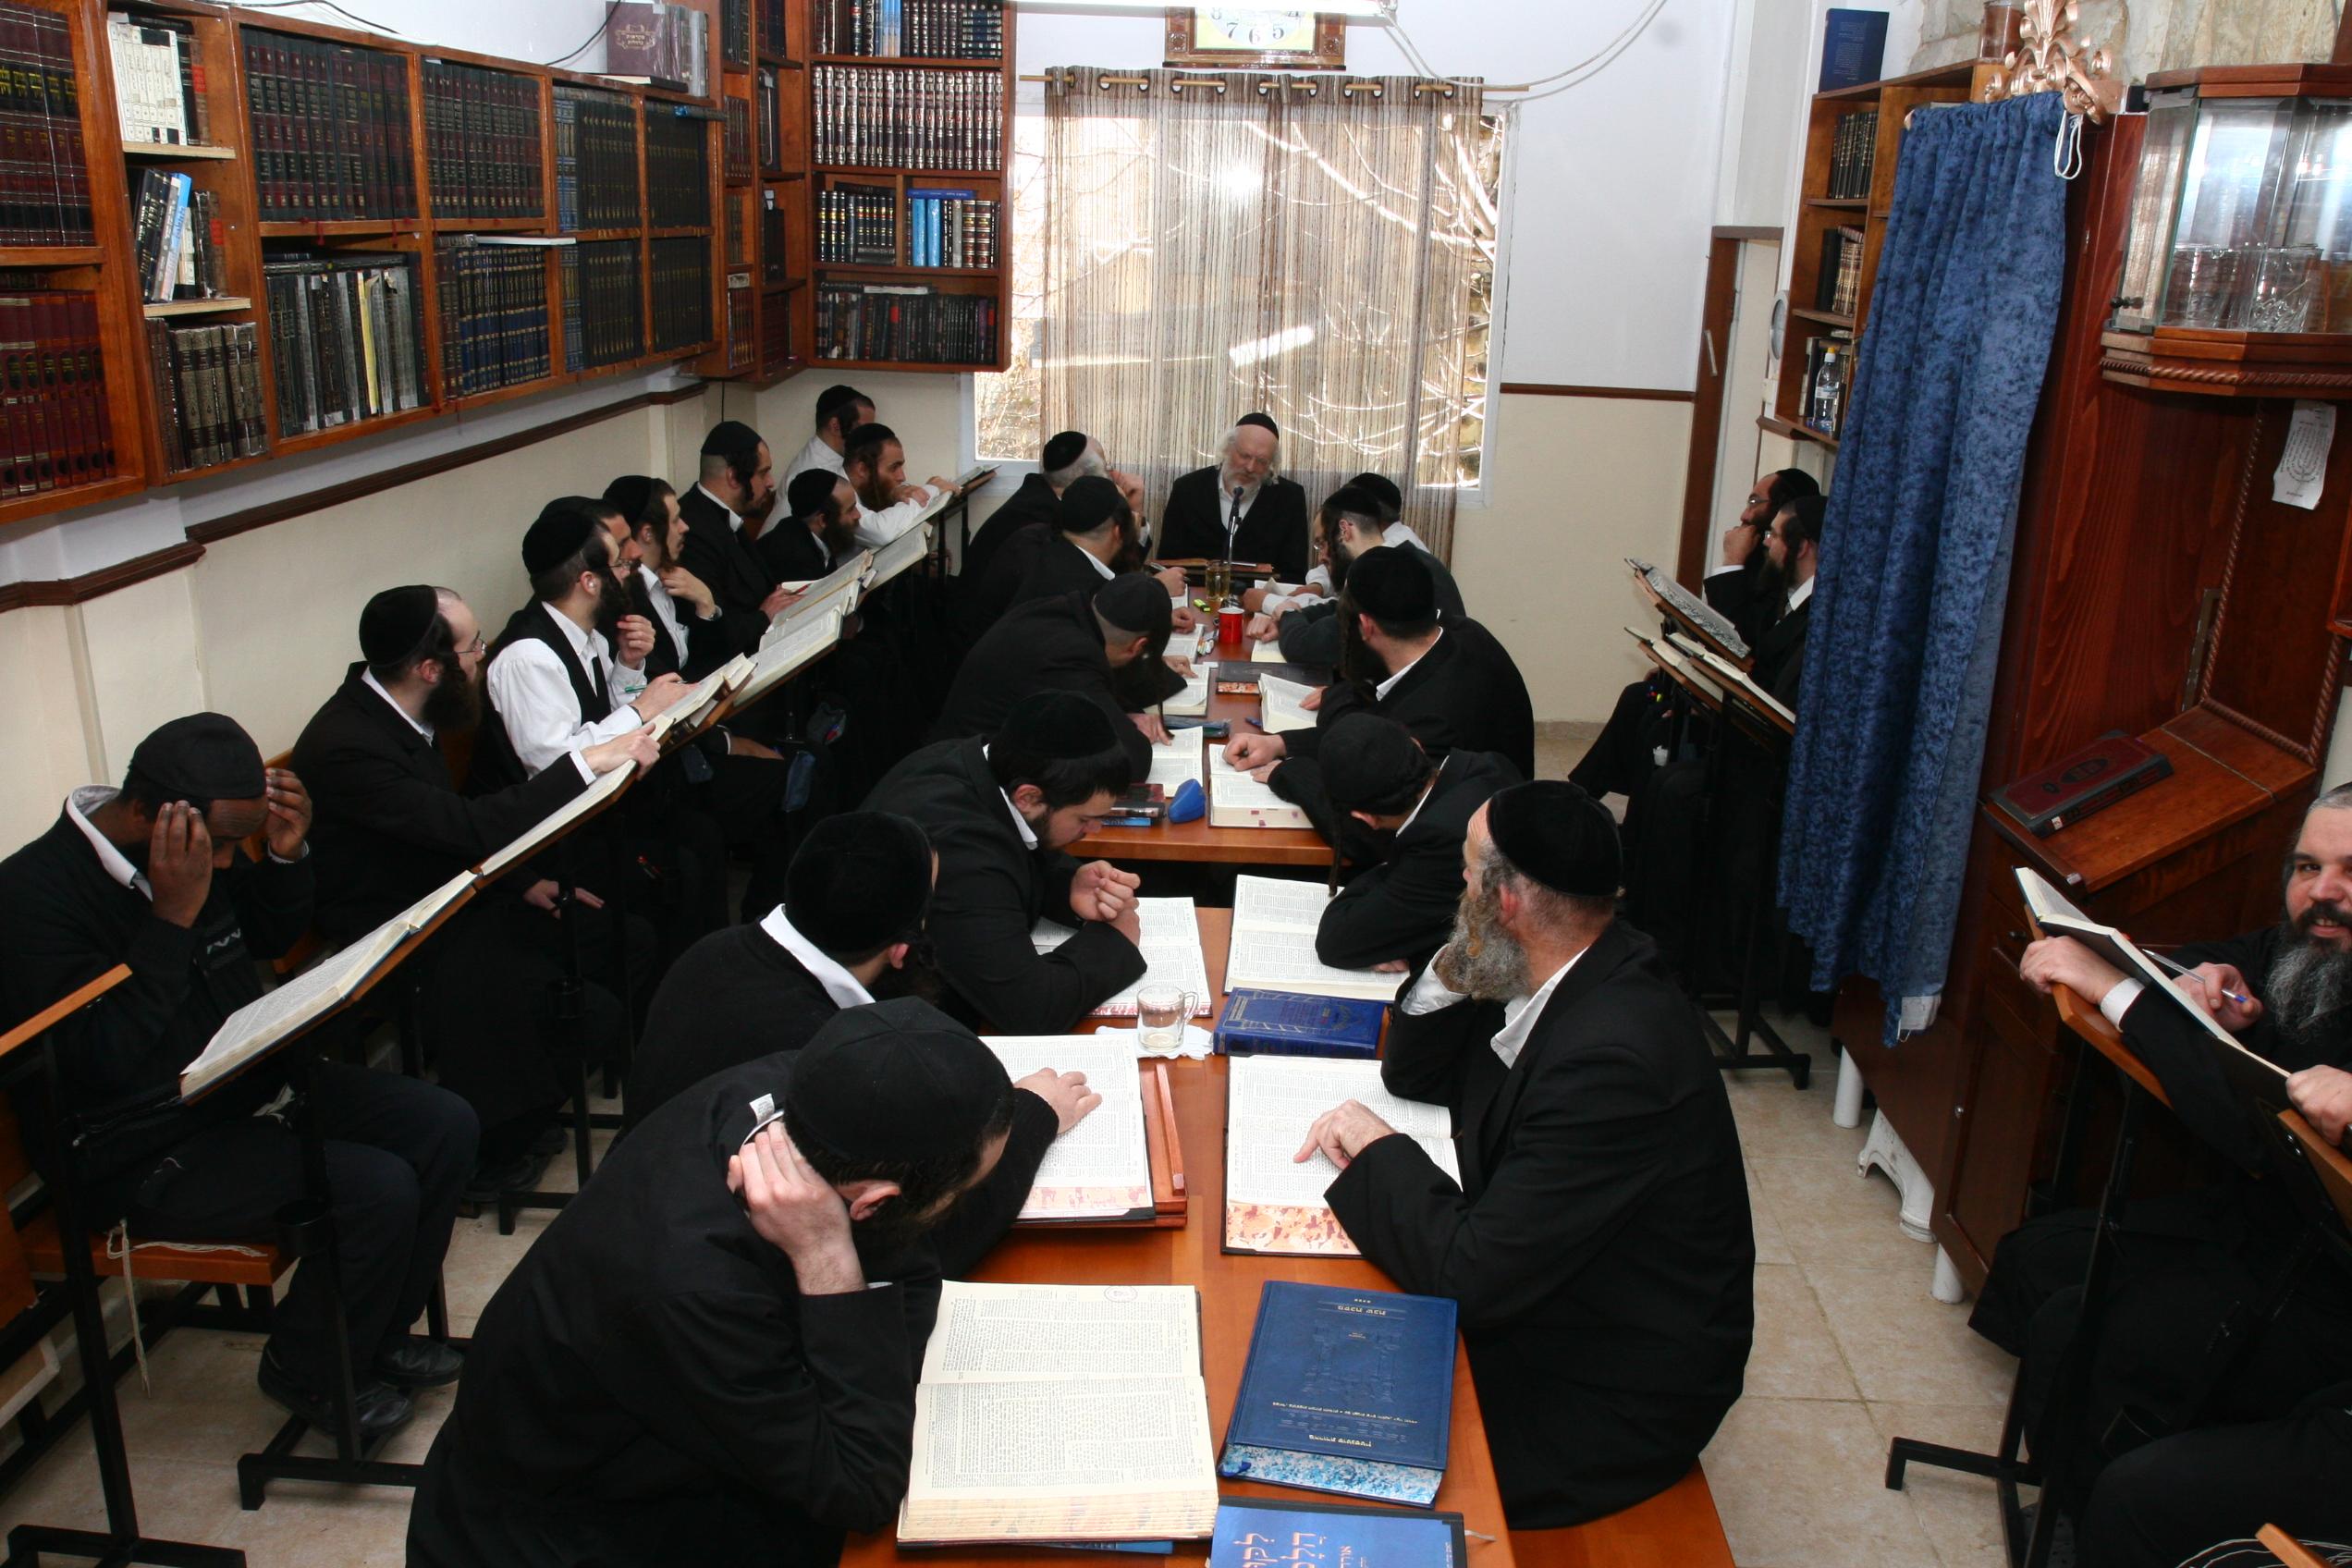 ישיבת ברסלב,נצח מאיר,חדר לימוד,לימודי תורה,לומדי תורה